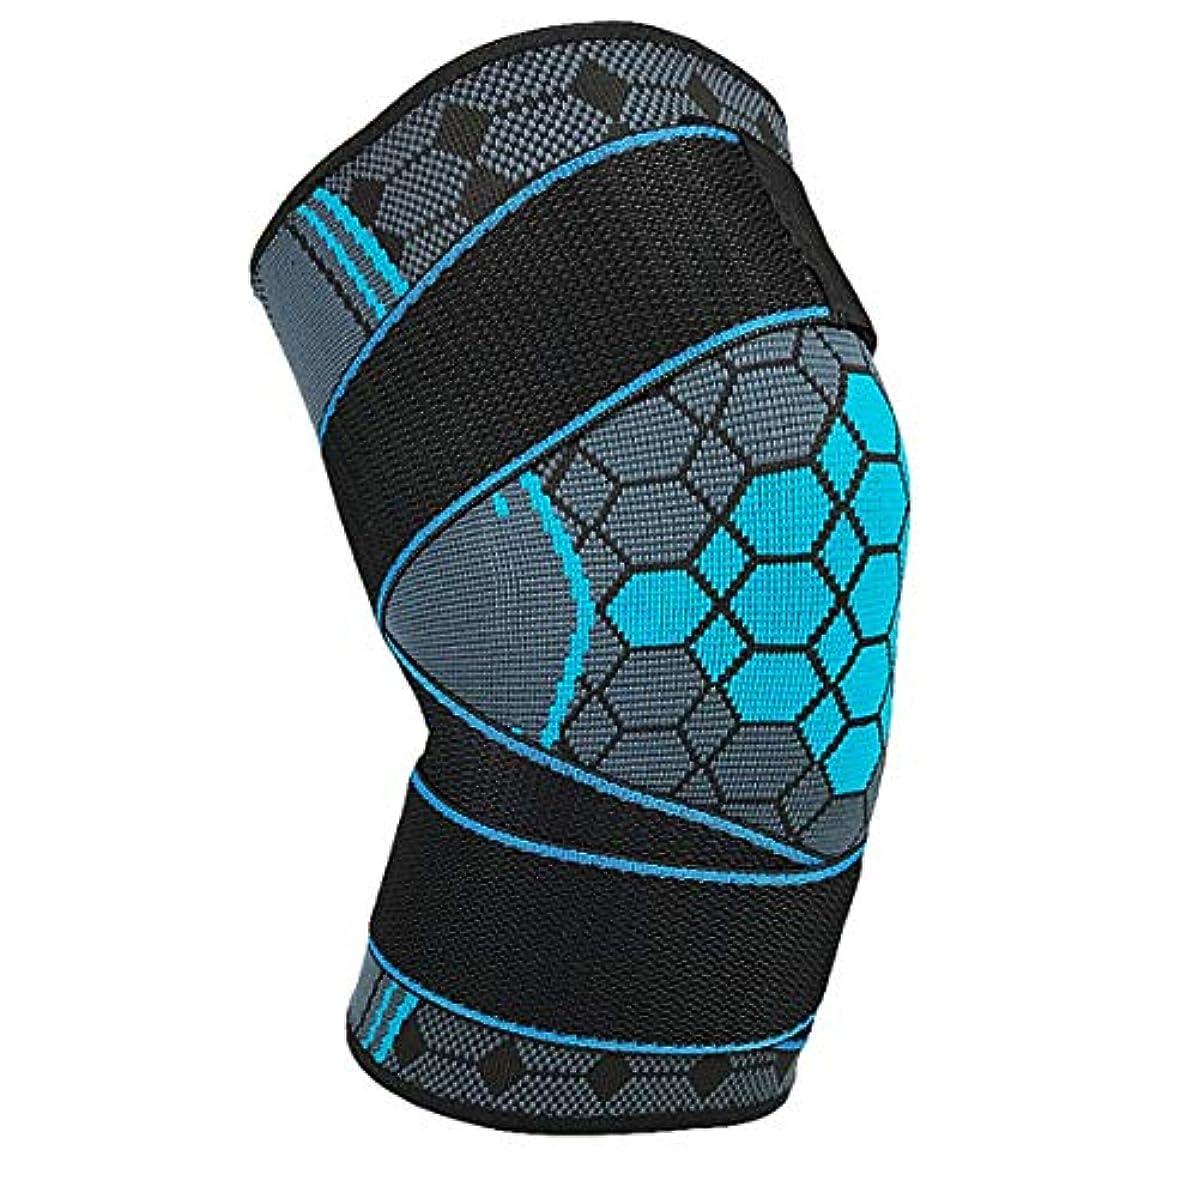 民族主義独立して機密快適な膝パッドヨガスポーツ保護パッドバレーボール落下膝サポート安全膝パッド耐久性膝ブレース-ブルーL